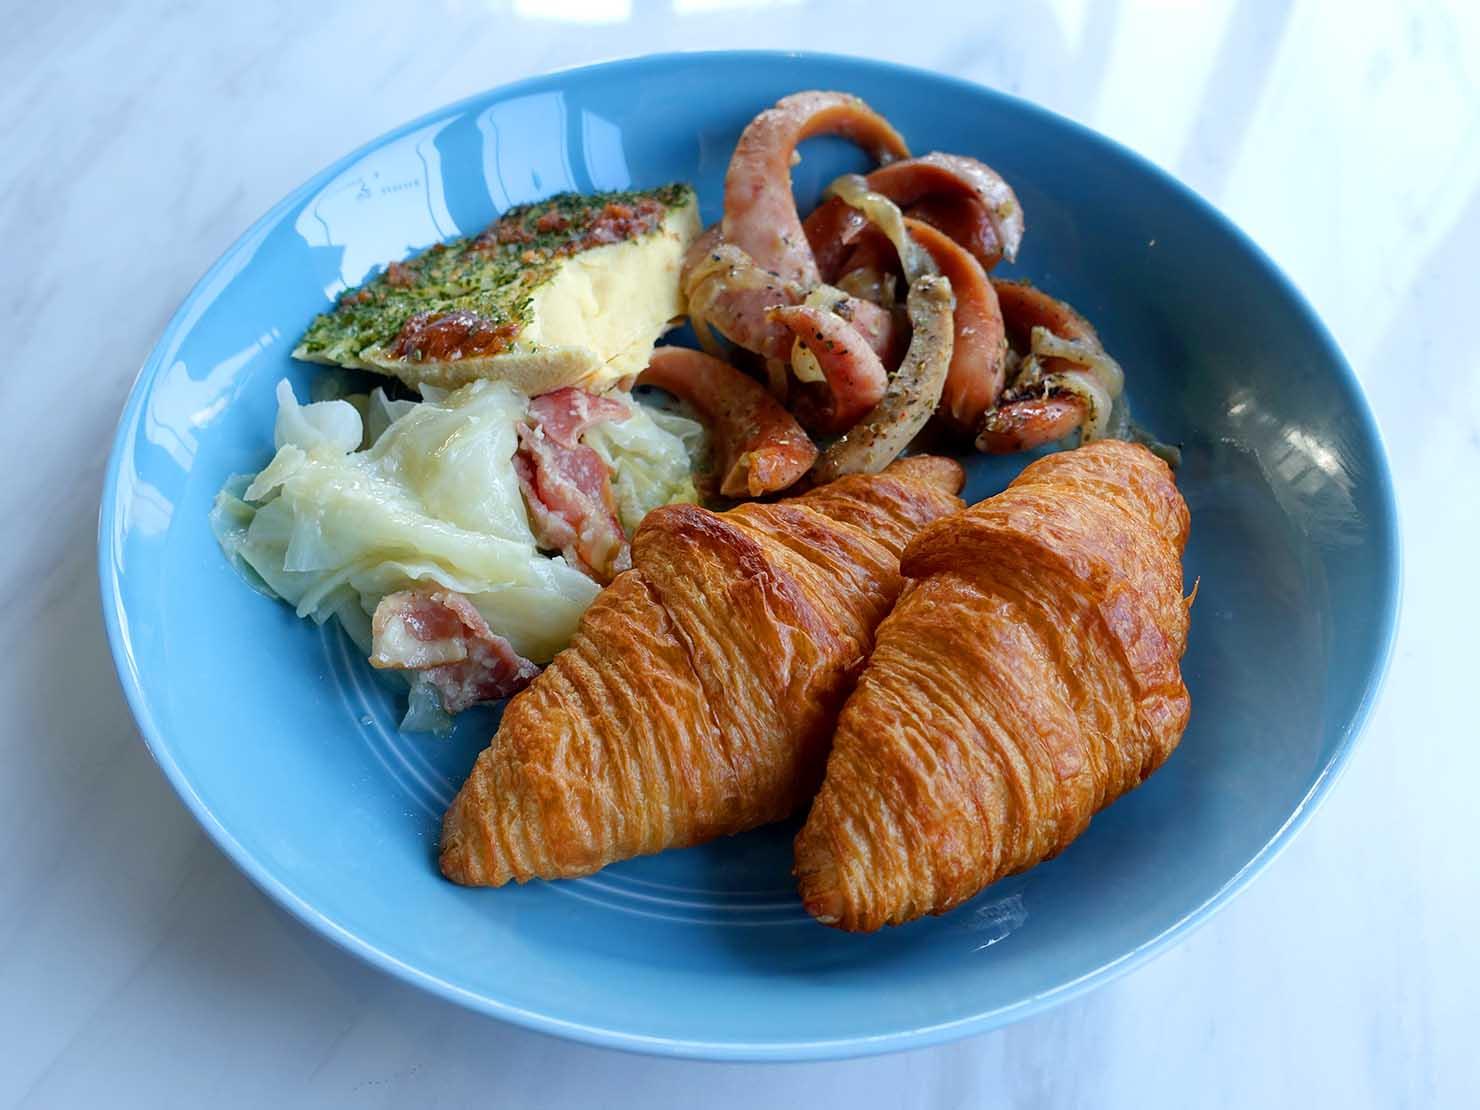 台北・大安の最高におしゃれなブティックホテル「chez nous 司旅」の朝食